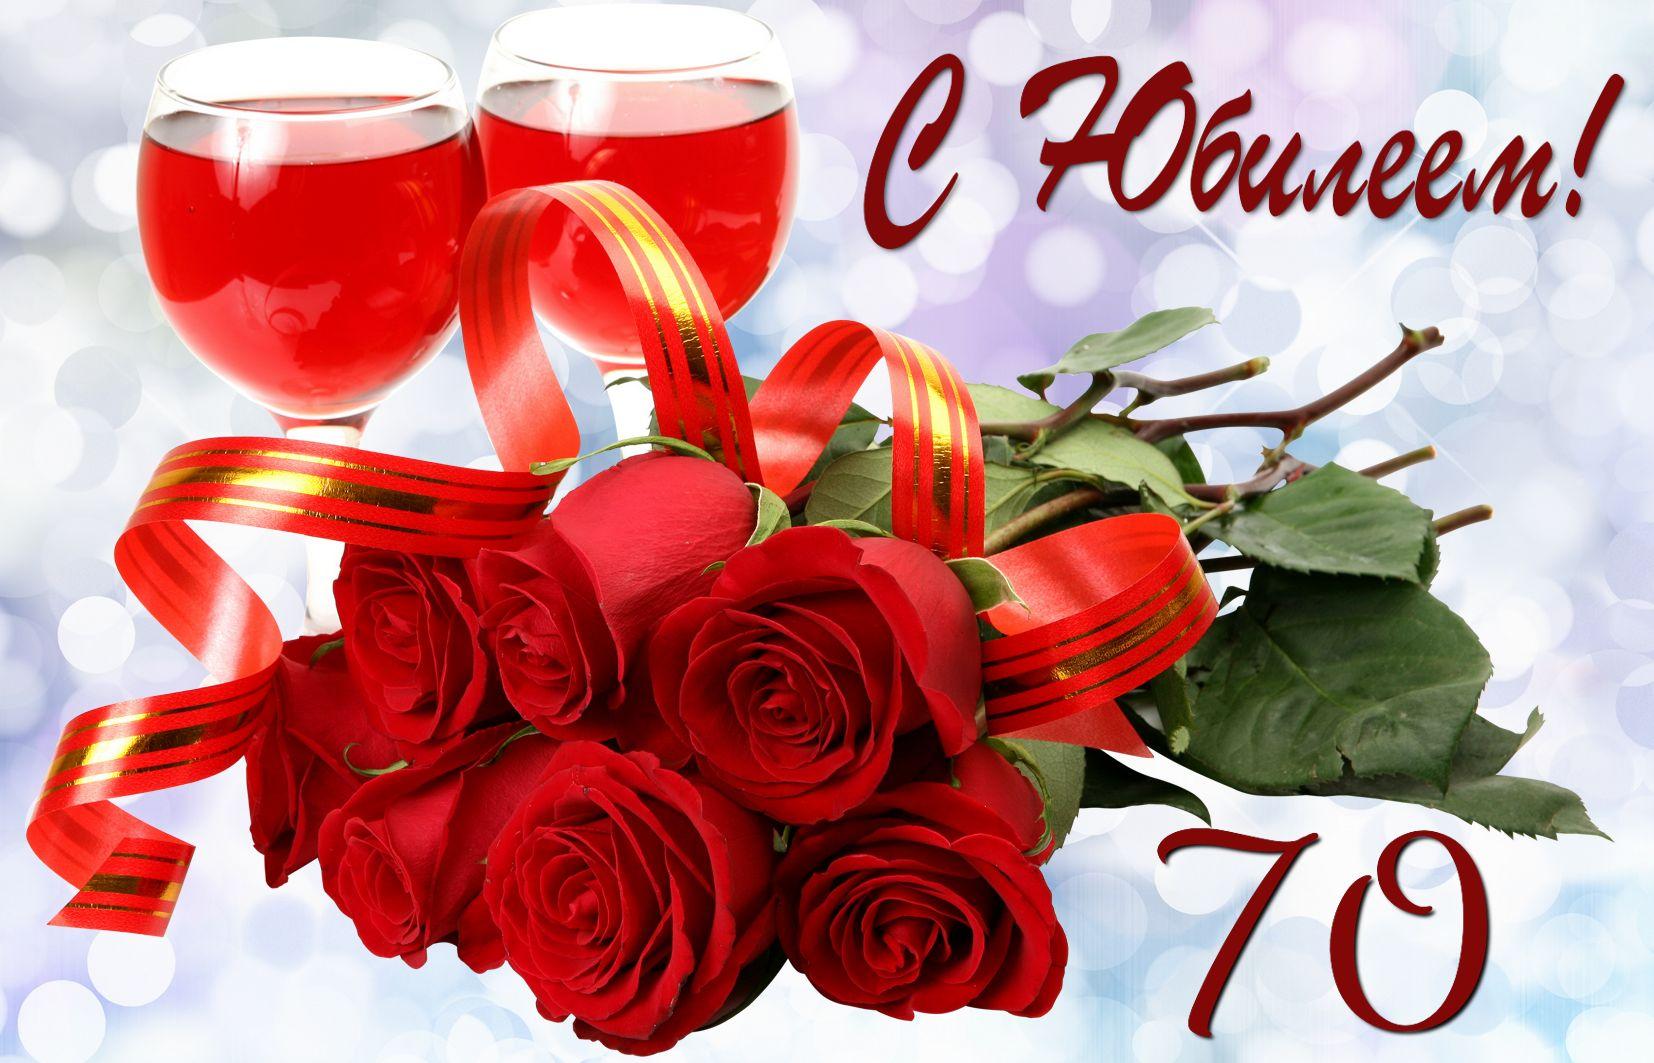 Бокалы с вином и букет роз на юбилей 70 лет